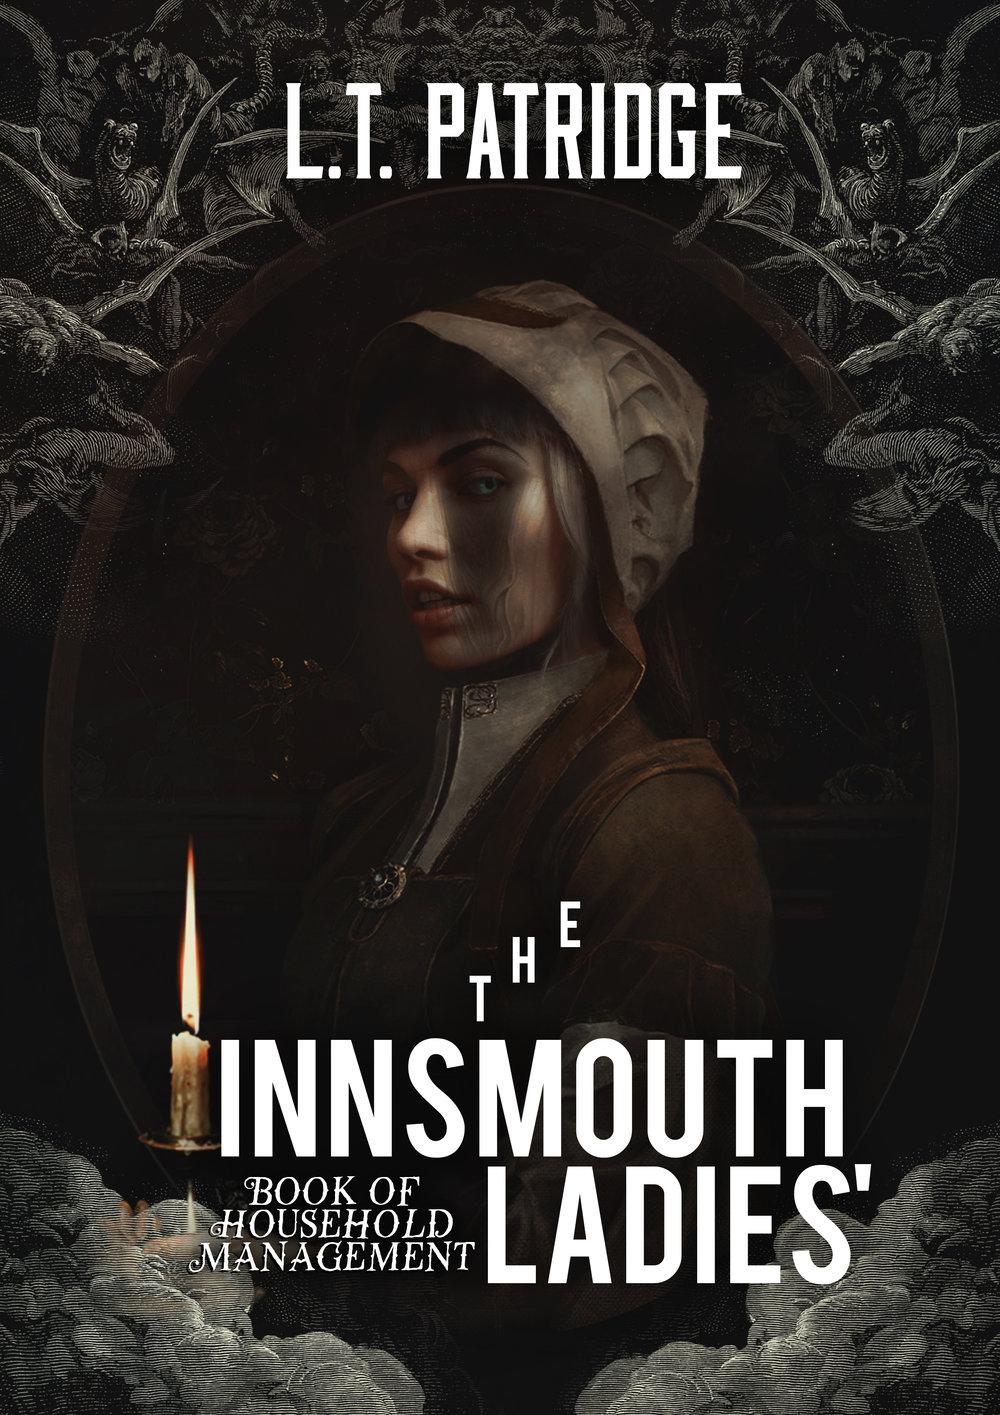 innsmouth2018.jpg